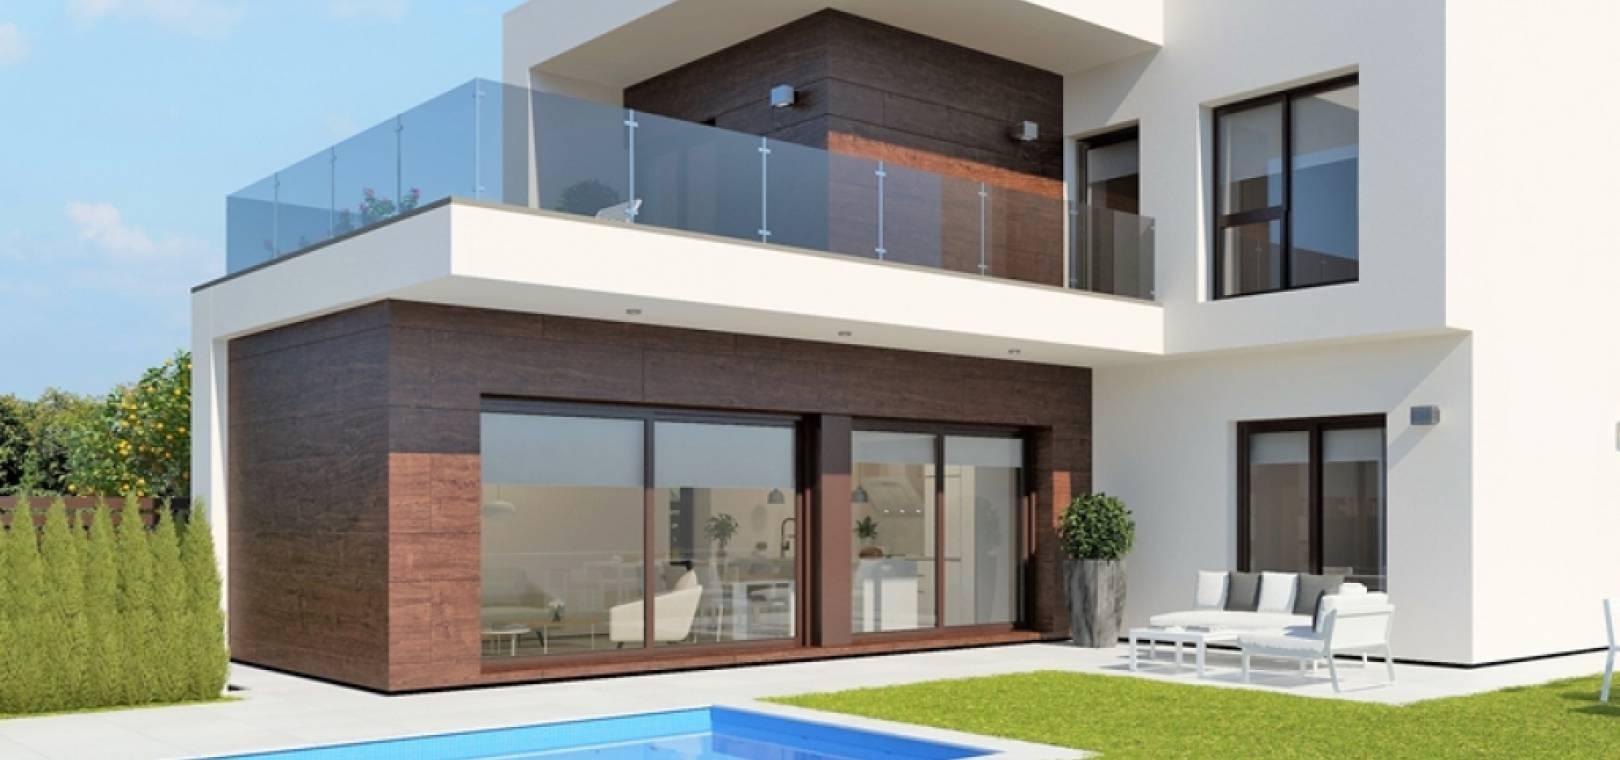 Av planen - Villa - Los Alcazares